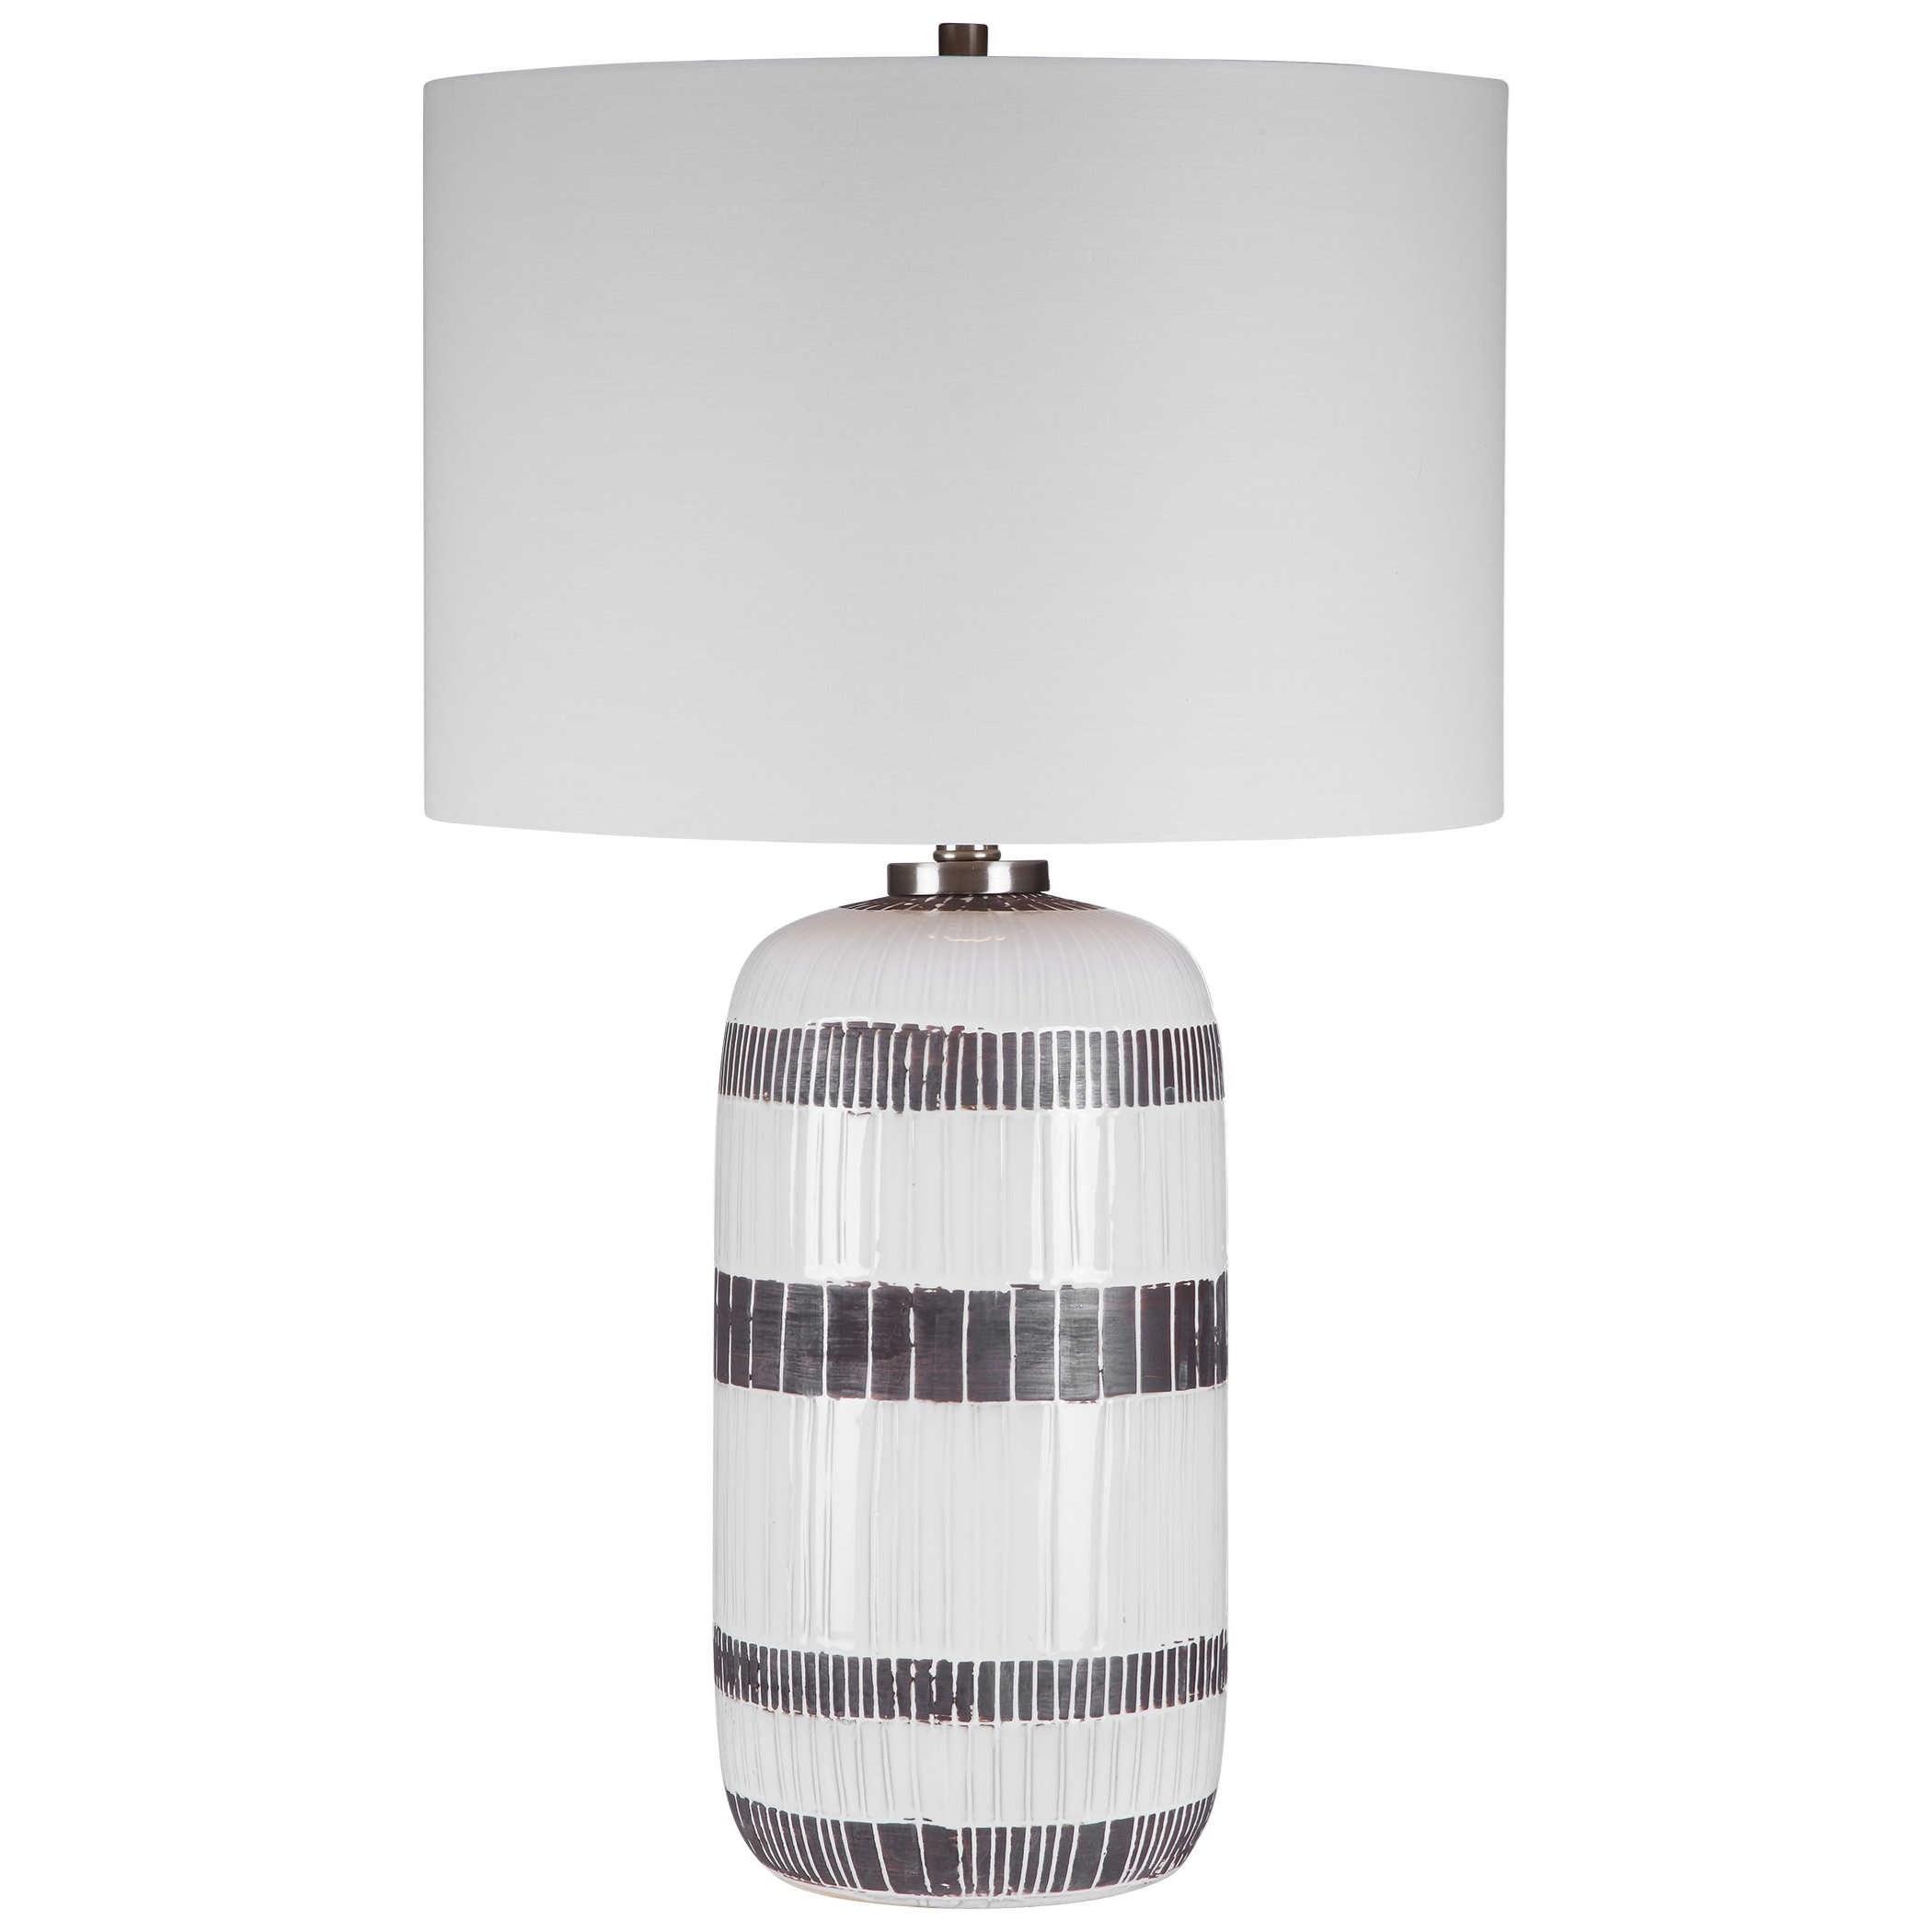 Granger Striped Table Lamp